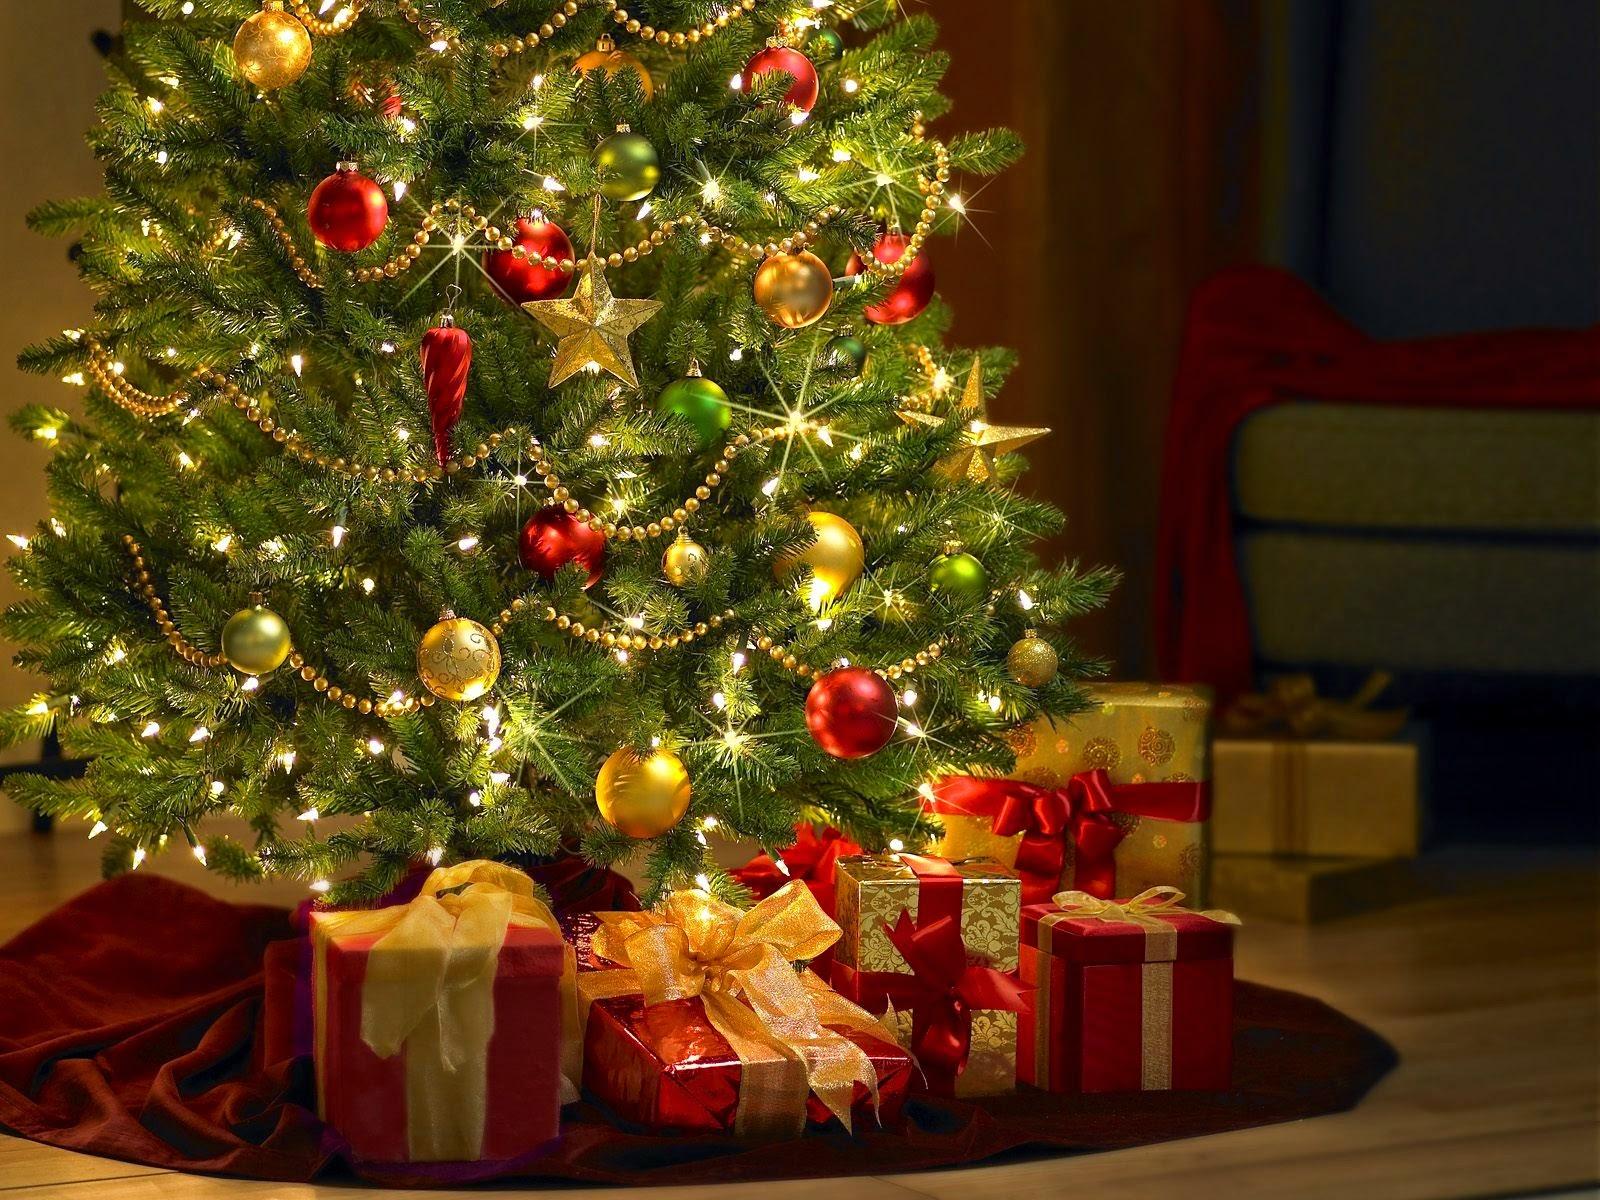 imagenes de navidad - adornos navideños  - arbolitos para navidad - bolas - moños - regalos